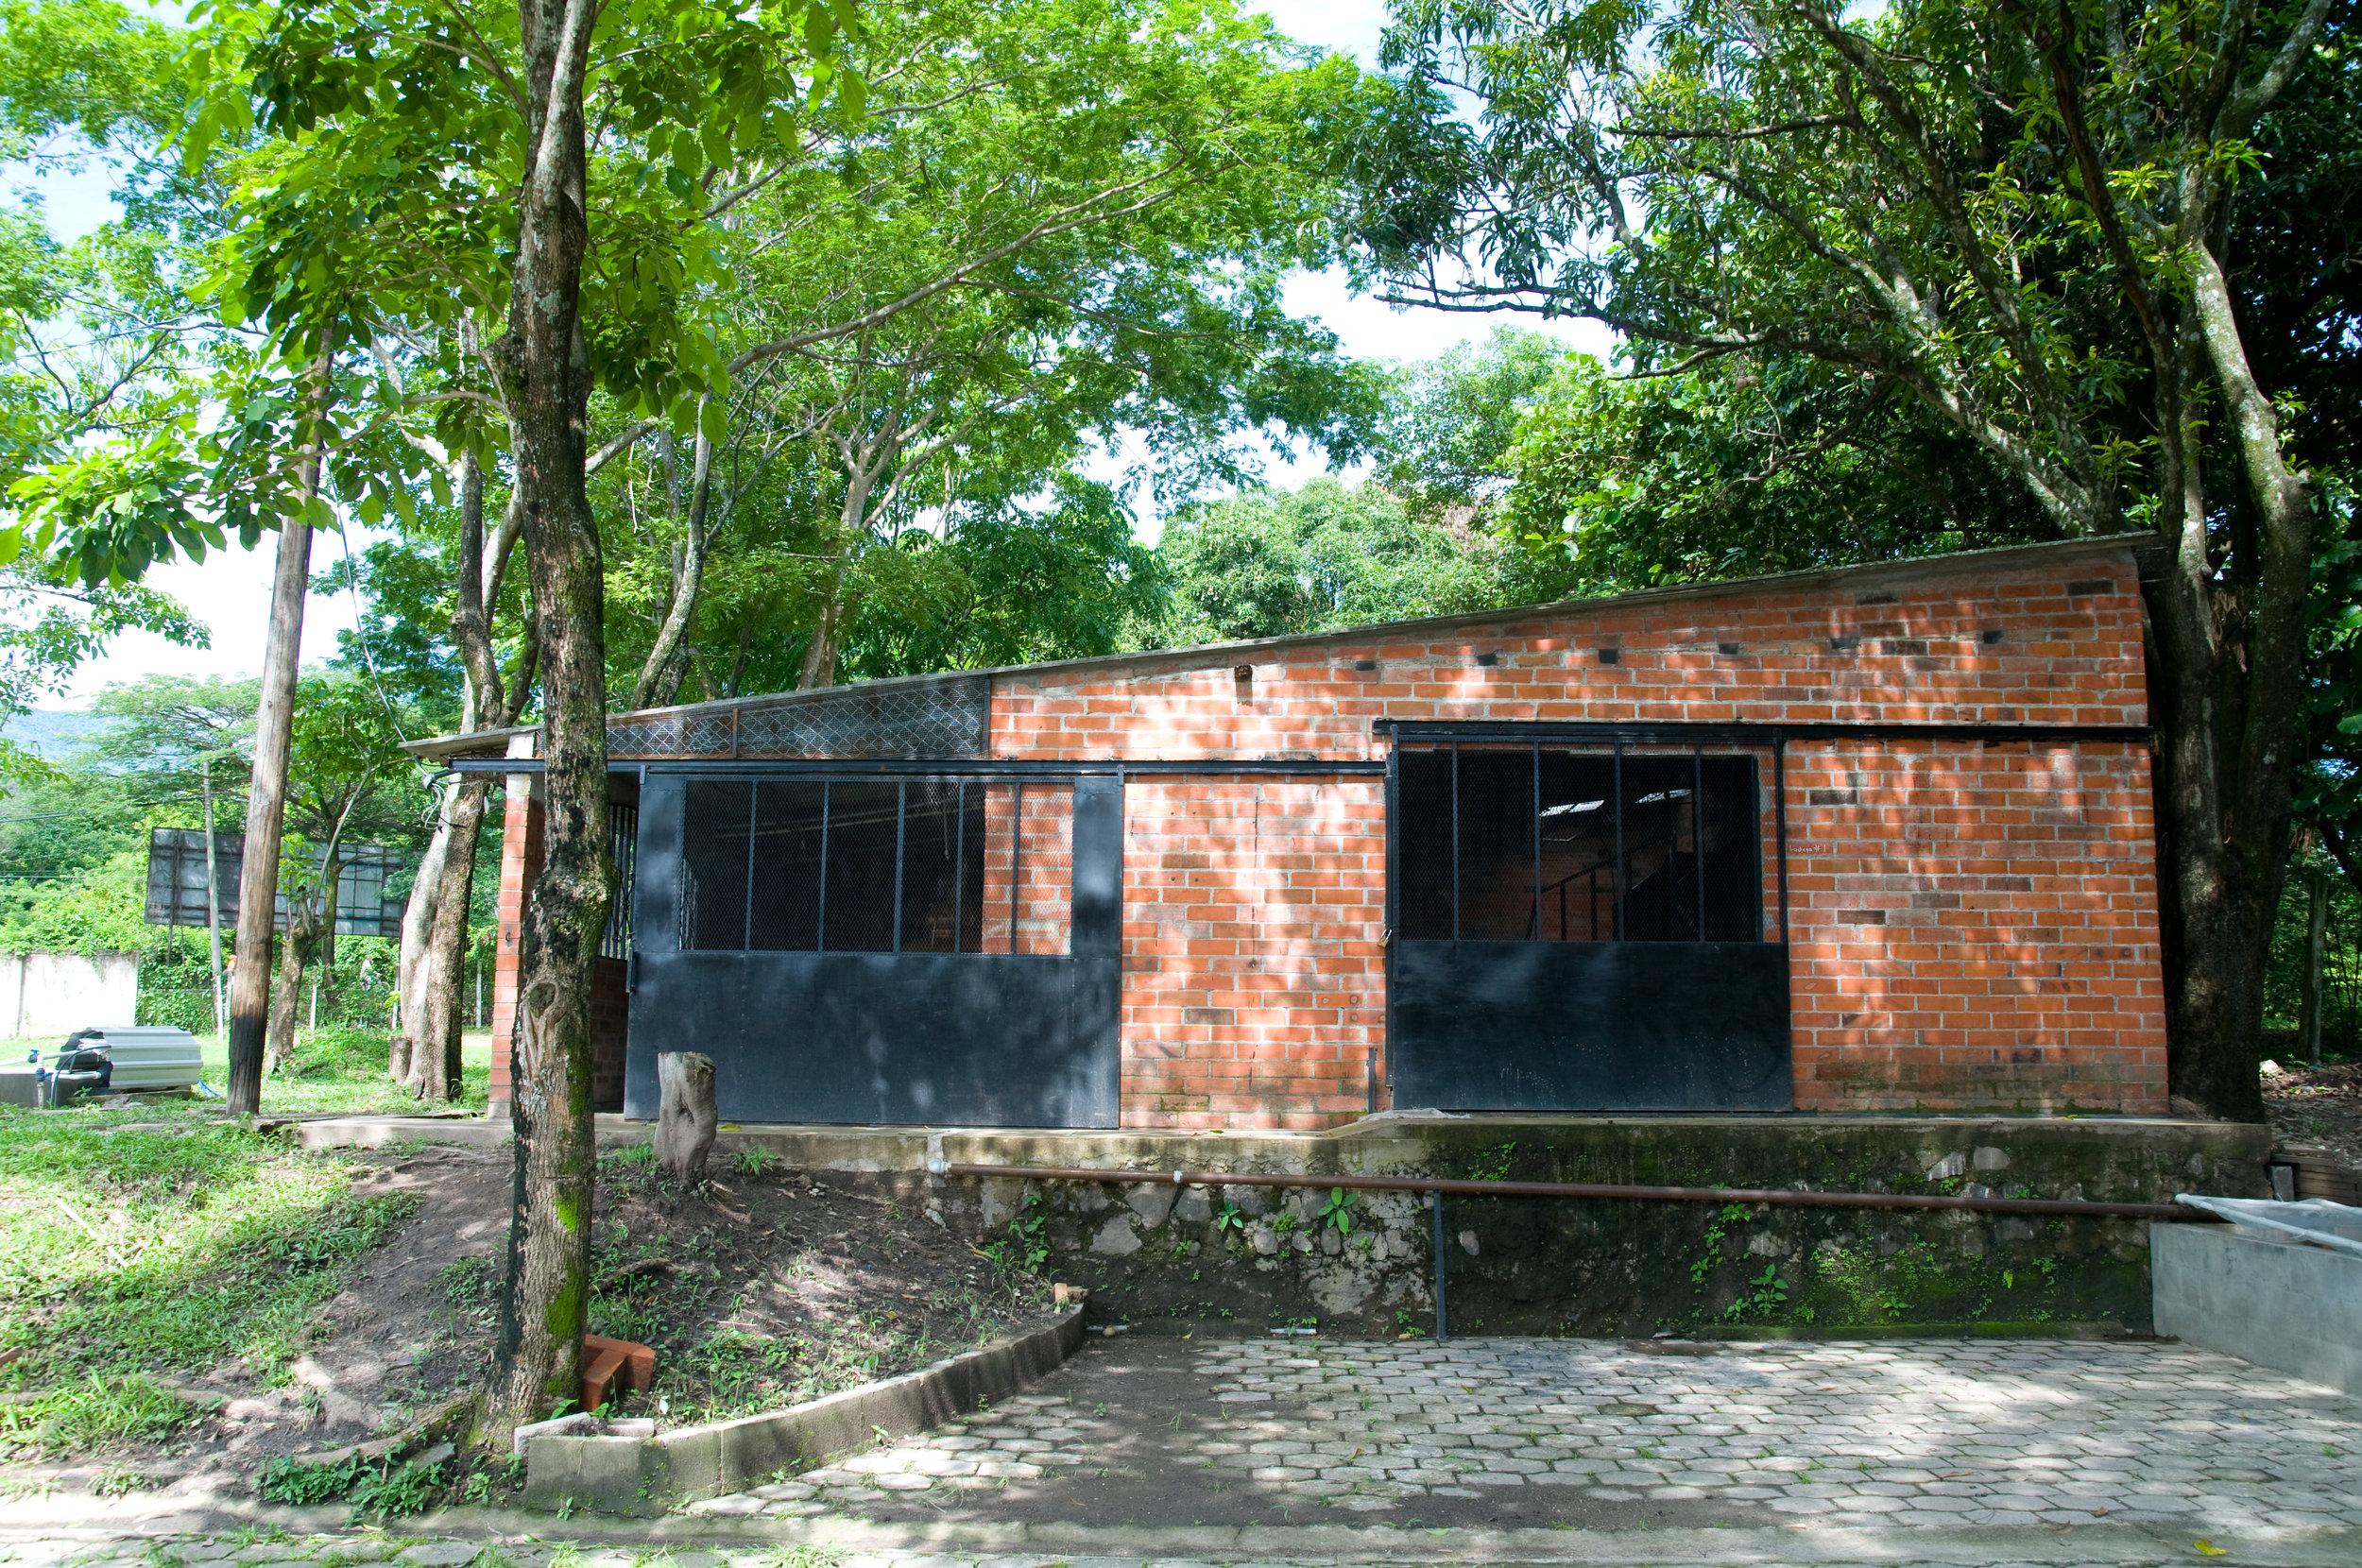 Home of Chaparro Flor de Fuego, Guazapa, San Salvador